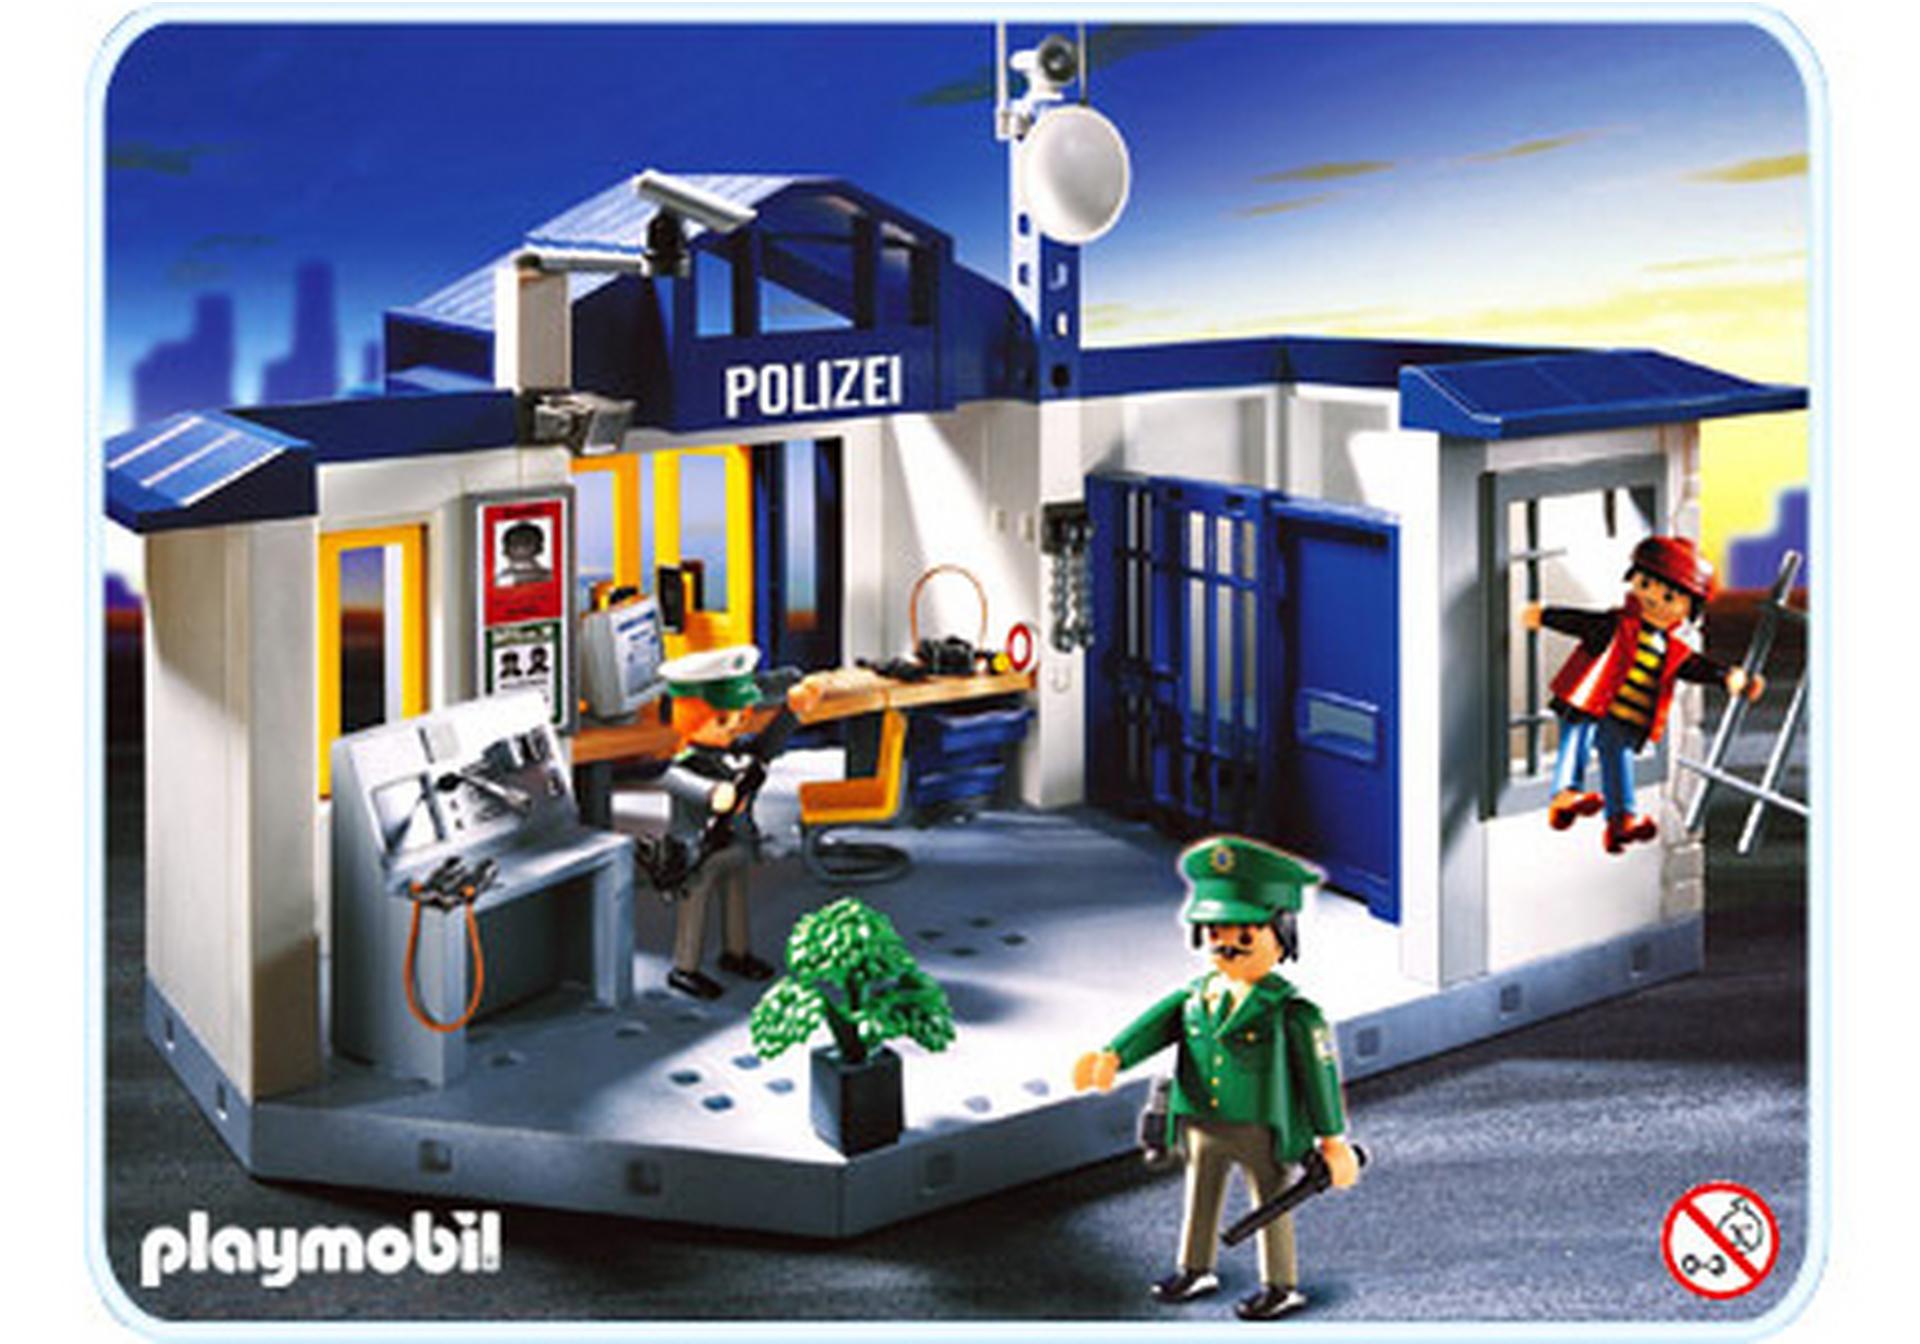 polizeireviergefängnis  3159a  playmobil